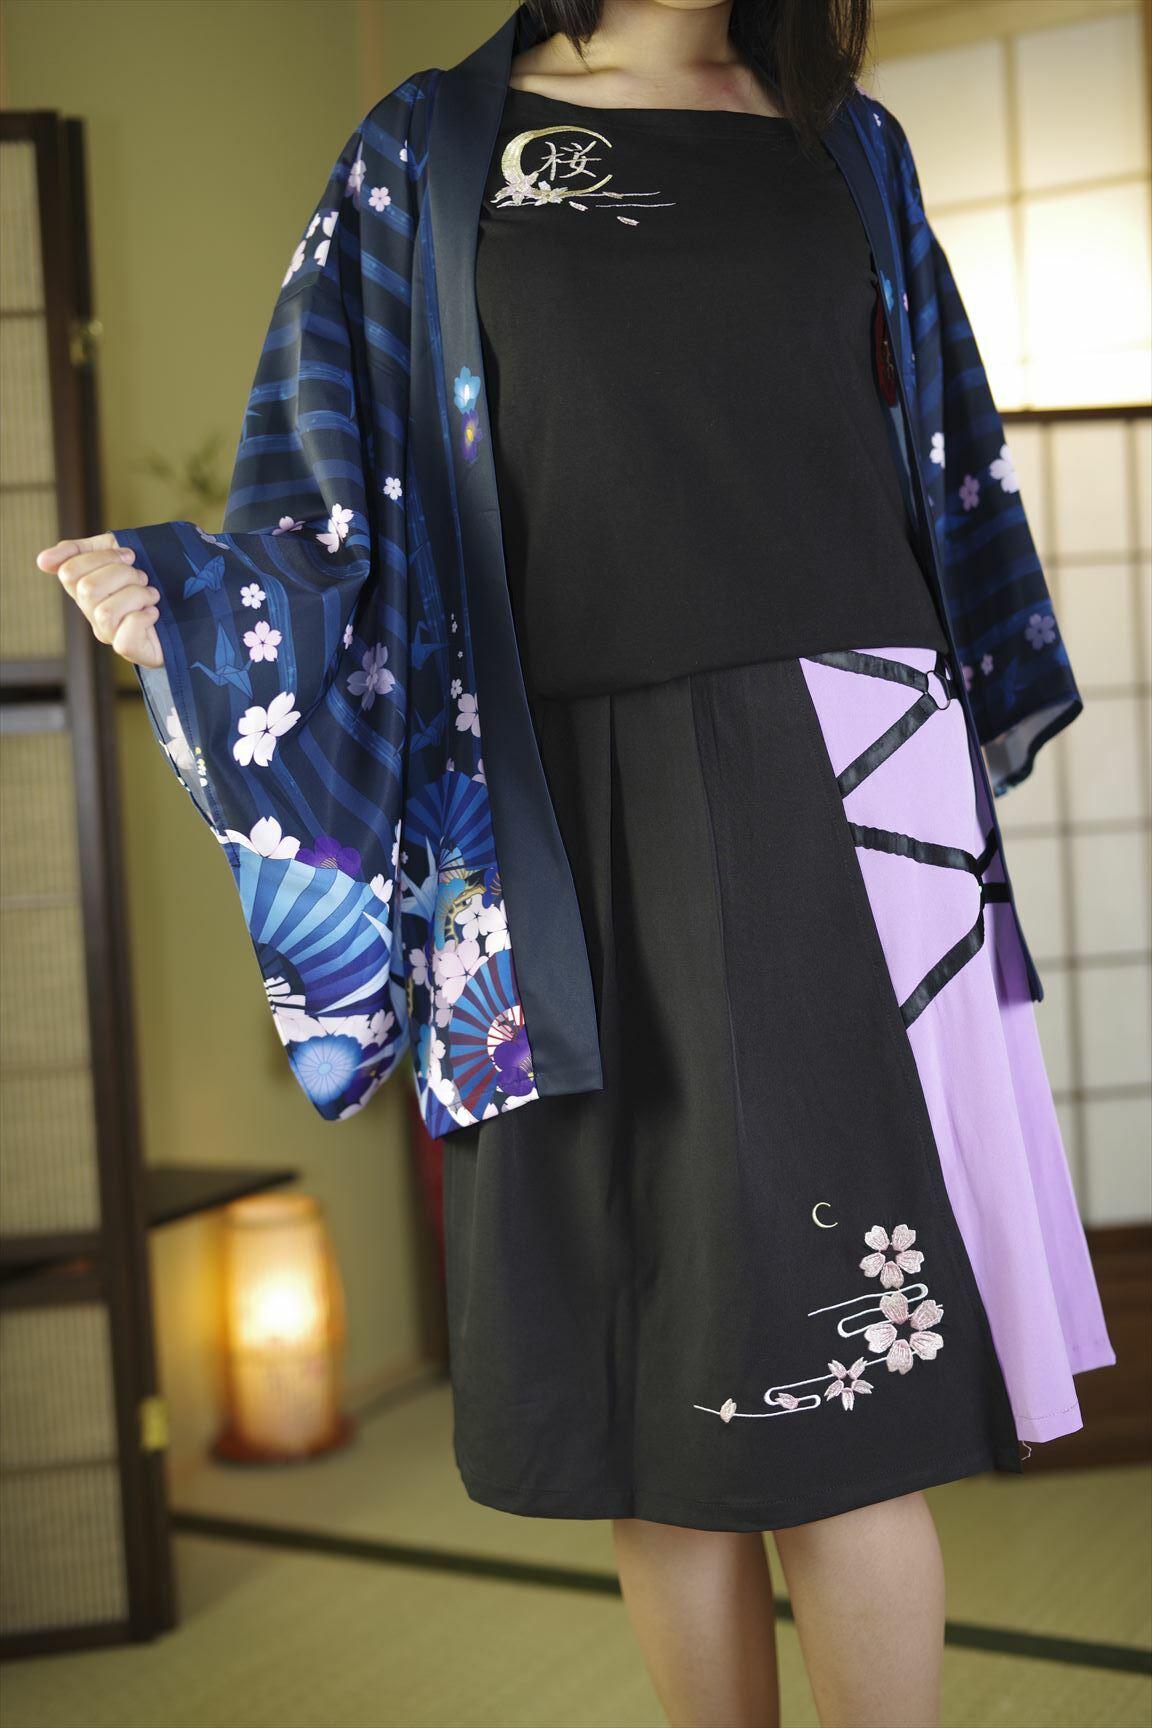 【美脚タイツプレゼント】月/桜刺繍/丸カンプリーツ膝丈スカート